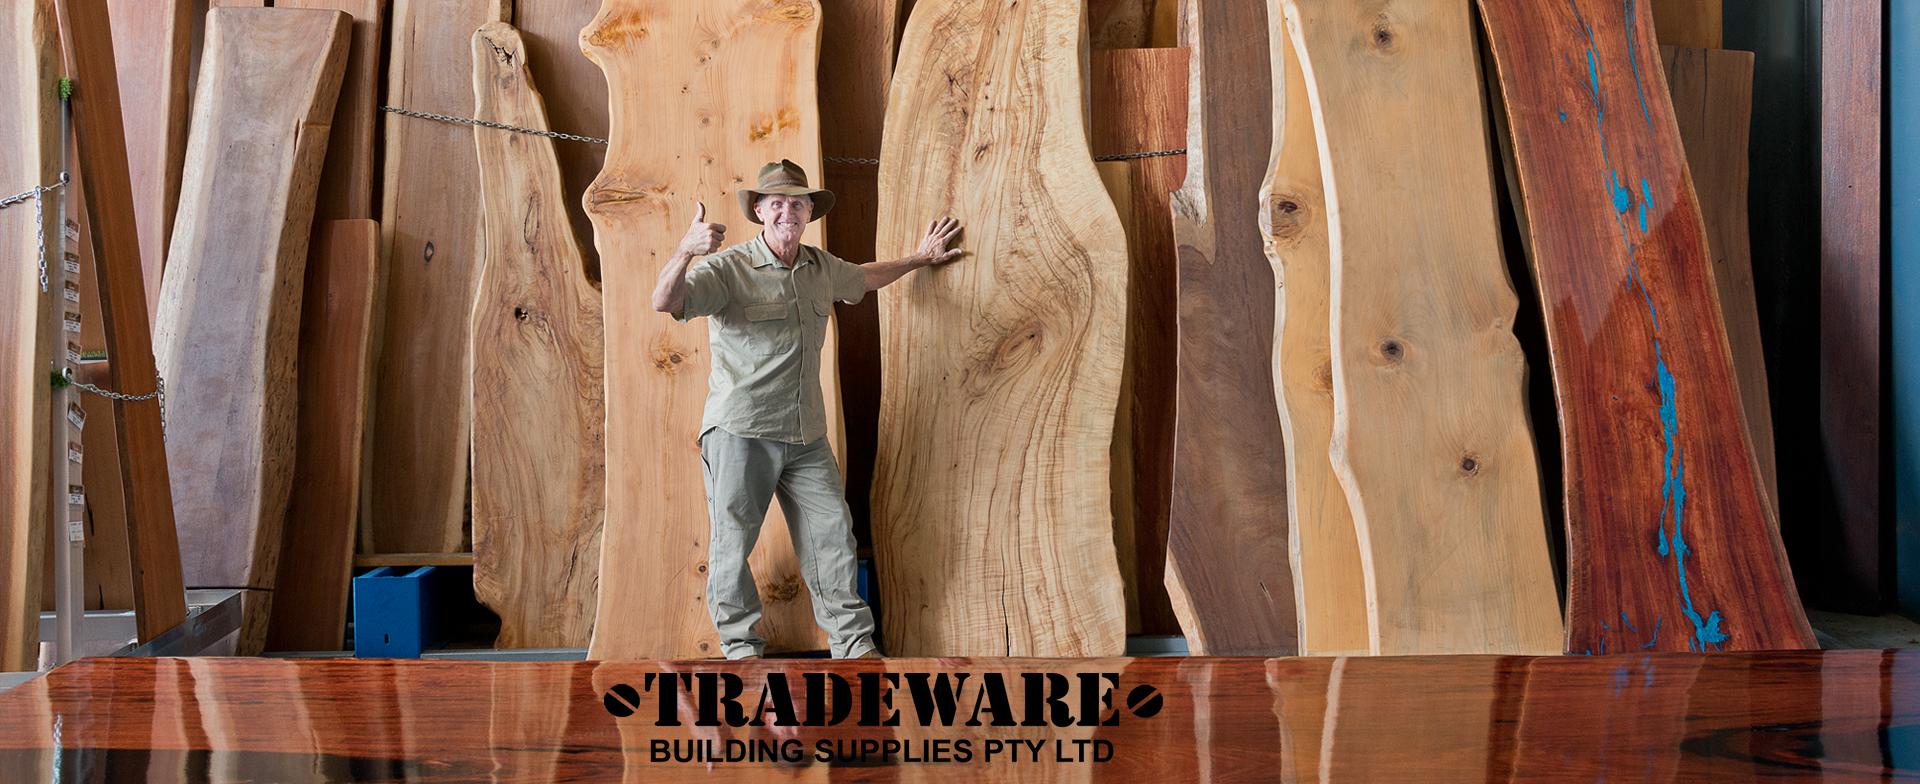 Home - image Tradeware-Building-Supplies_Chandler-Brisbane-31-3-2021 on https://tradewarebuildingsupplies.com